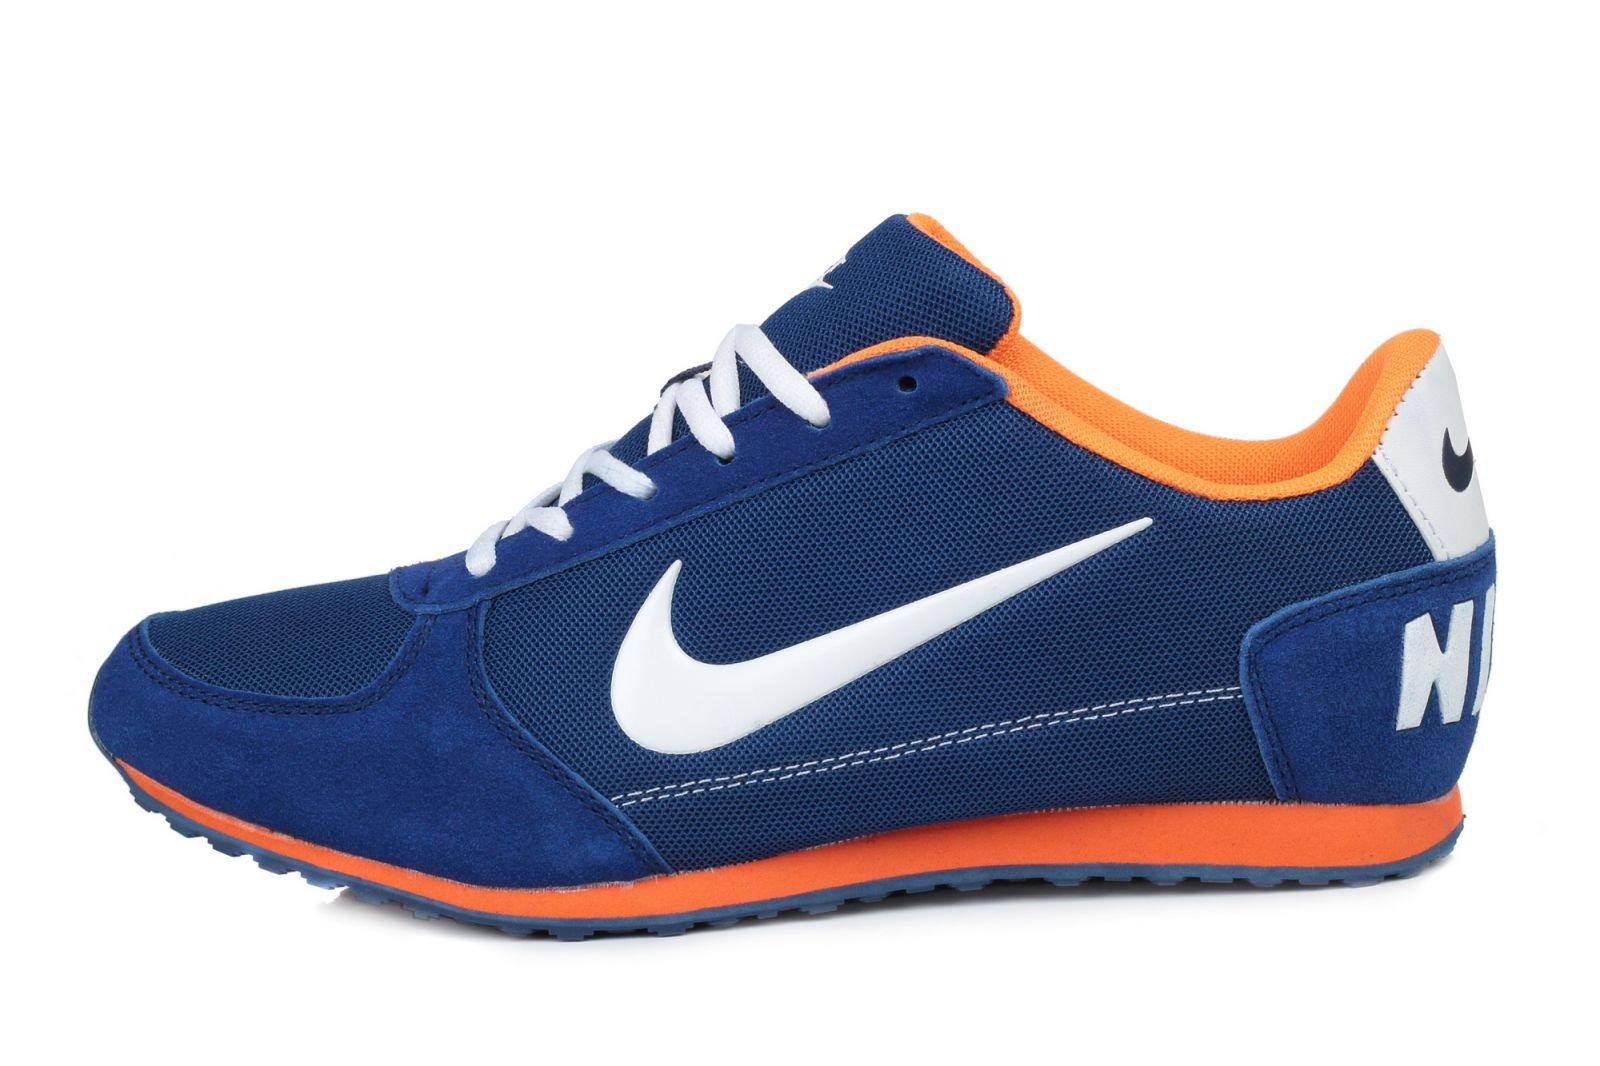 8848182f Купить Мужские кроссовки Nike Cortez в Киеве: цена, фото - Интернет ...